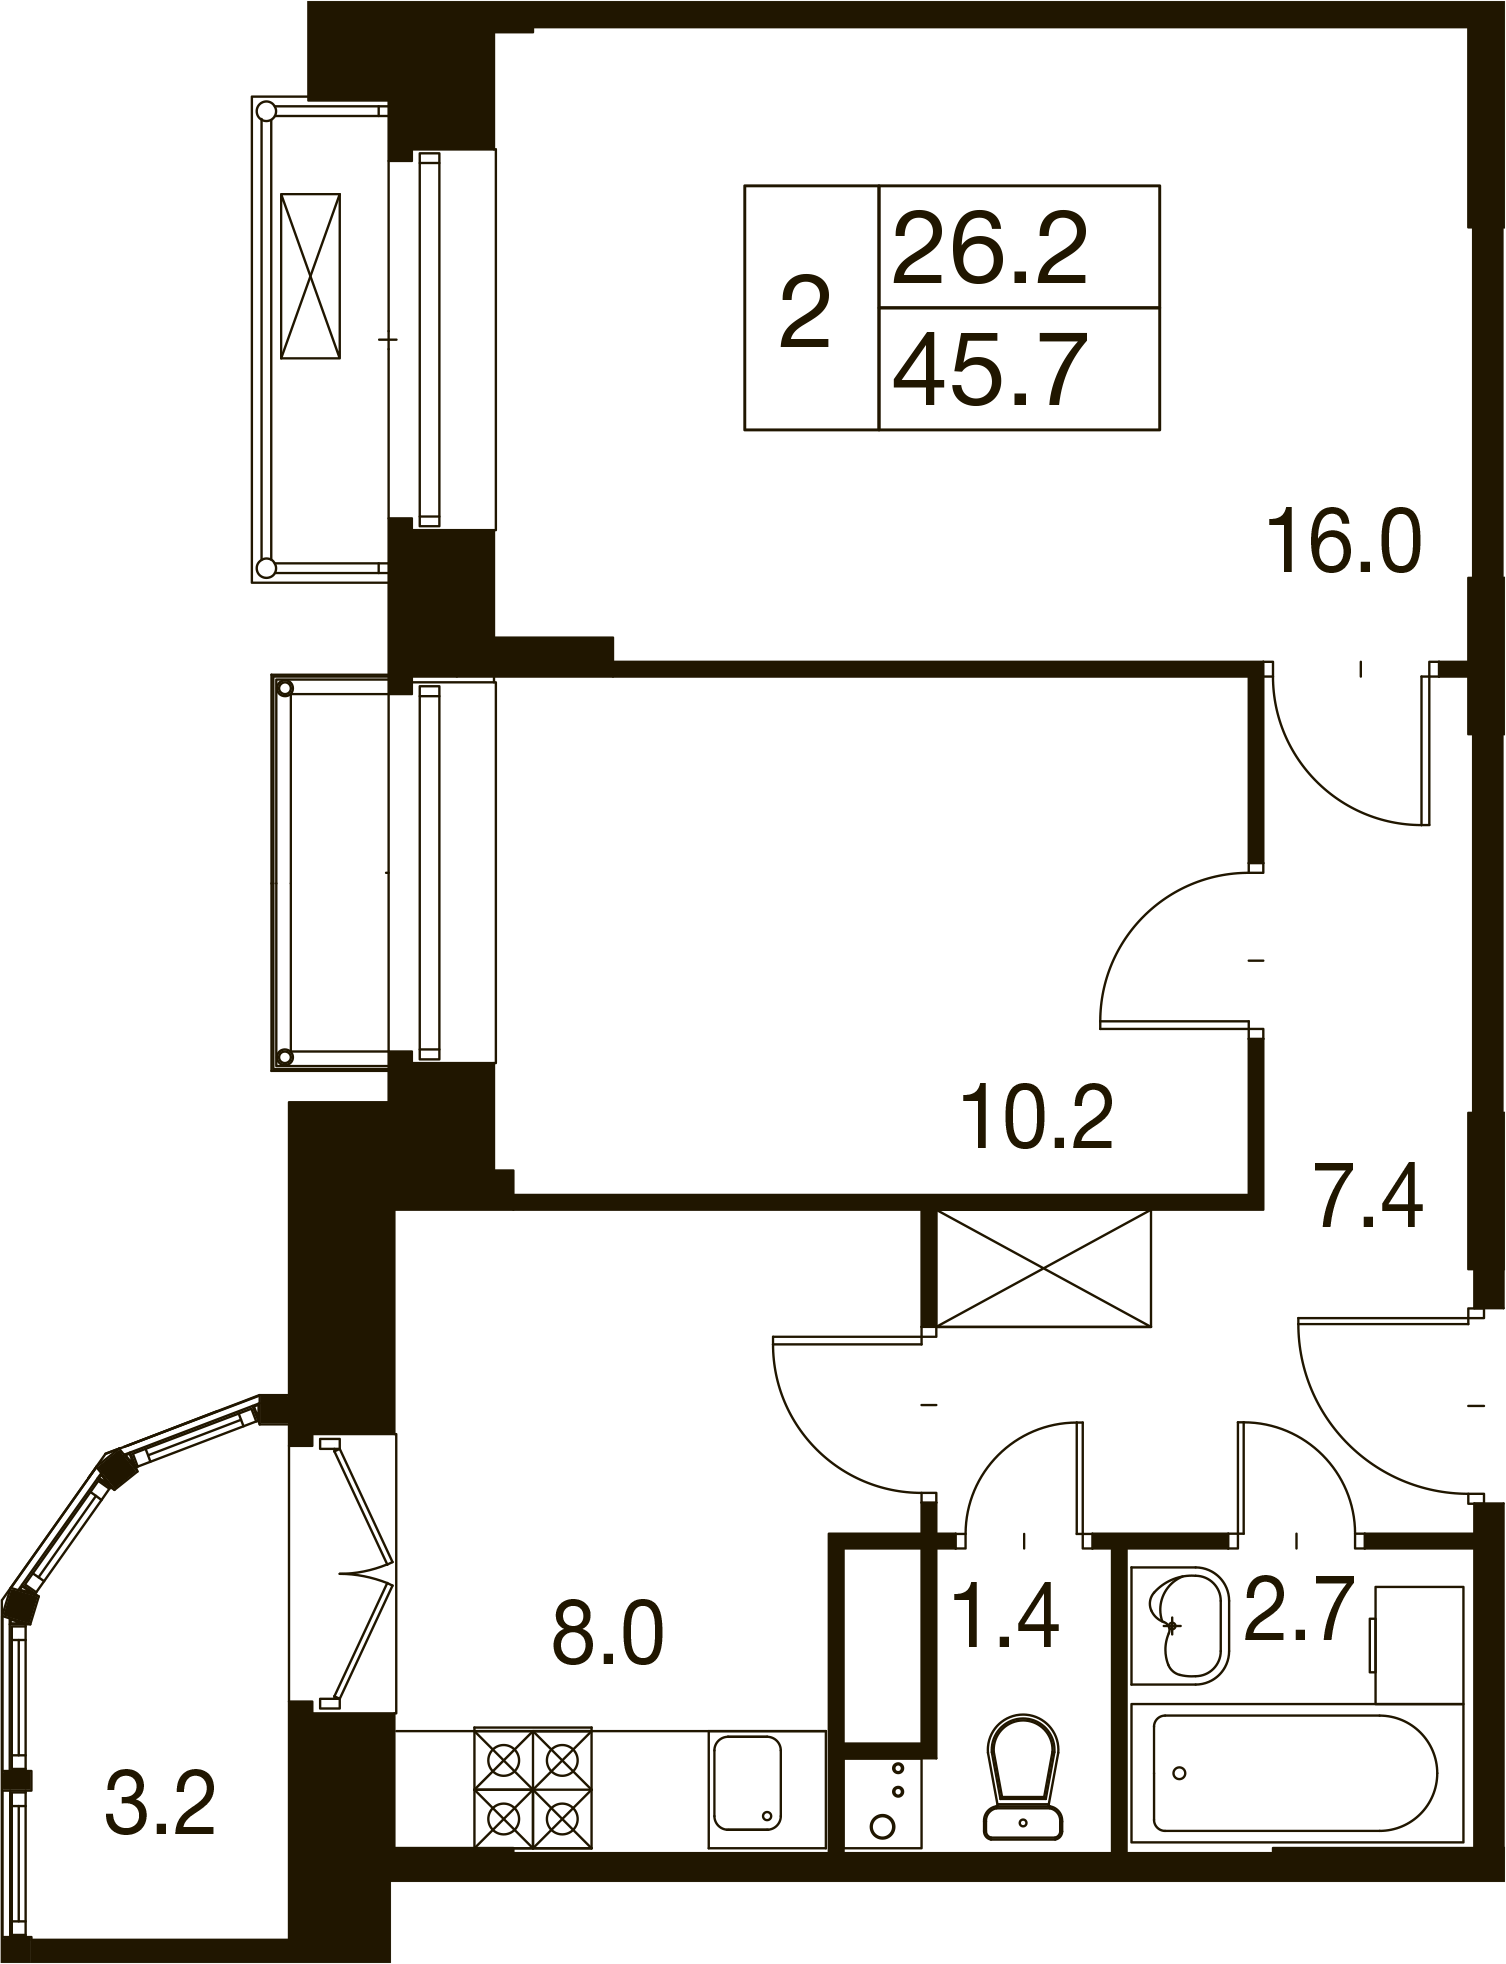 2-комнатная квартира в Митино О2, дом №7, квартира №07-465